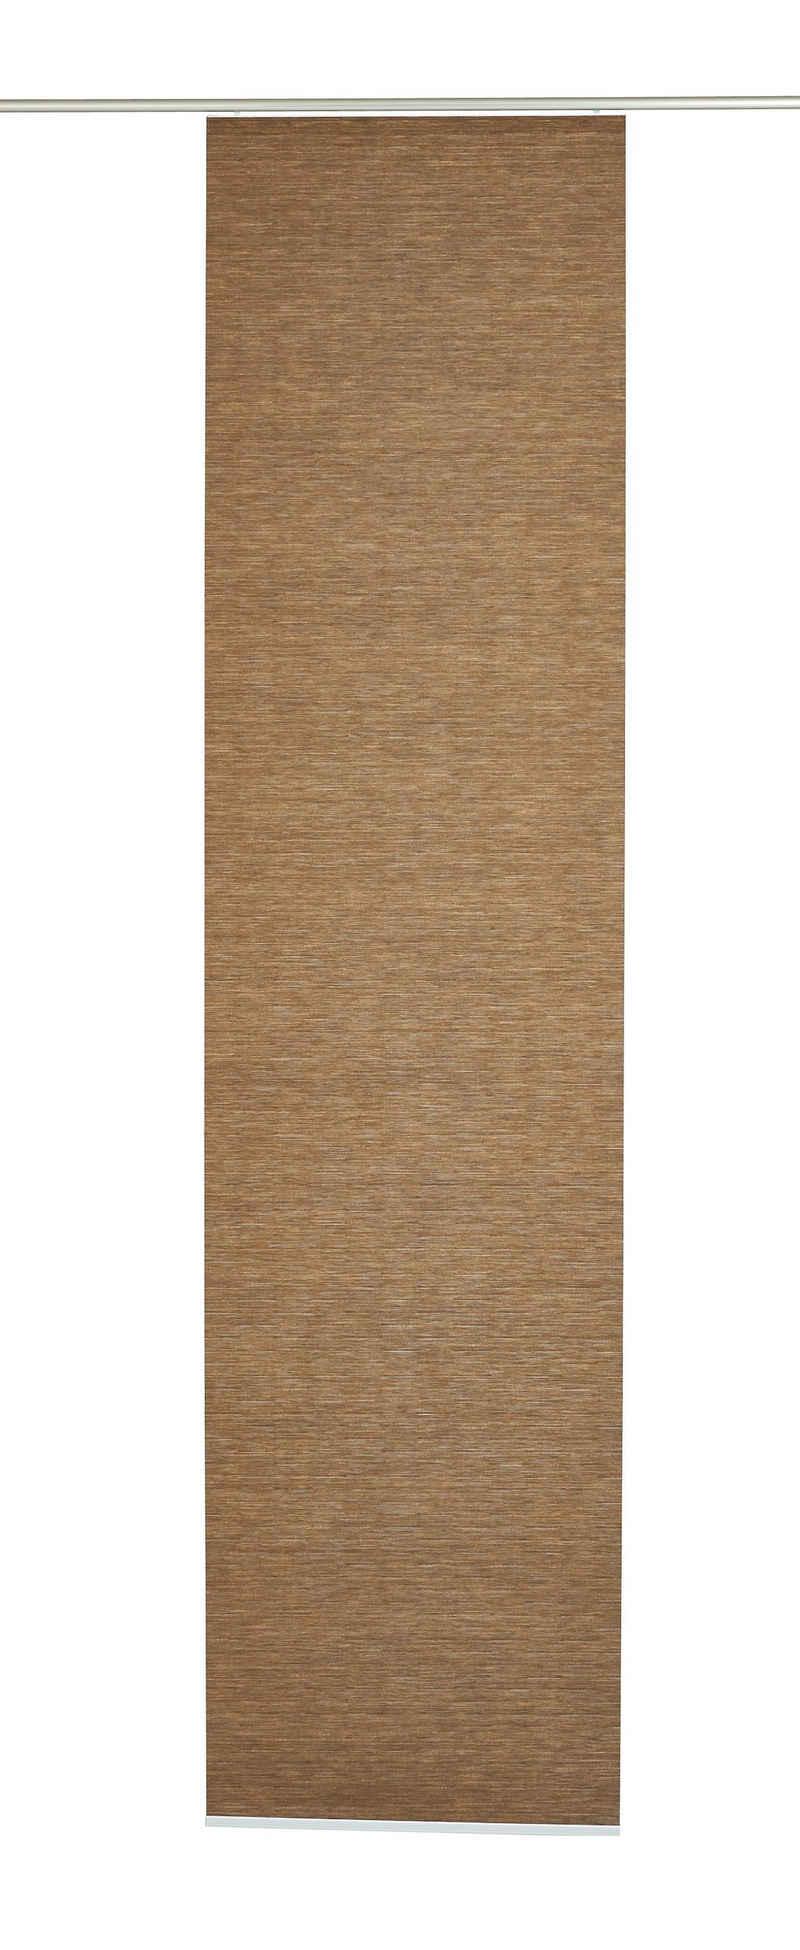 Schiebegardine »Flächenvorhang Natur-optik«, GARDINIA, Klettband (1 Stück), HxB: 245x60